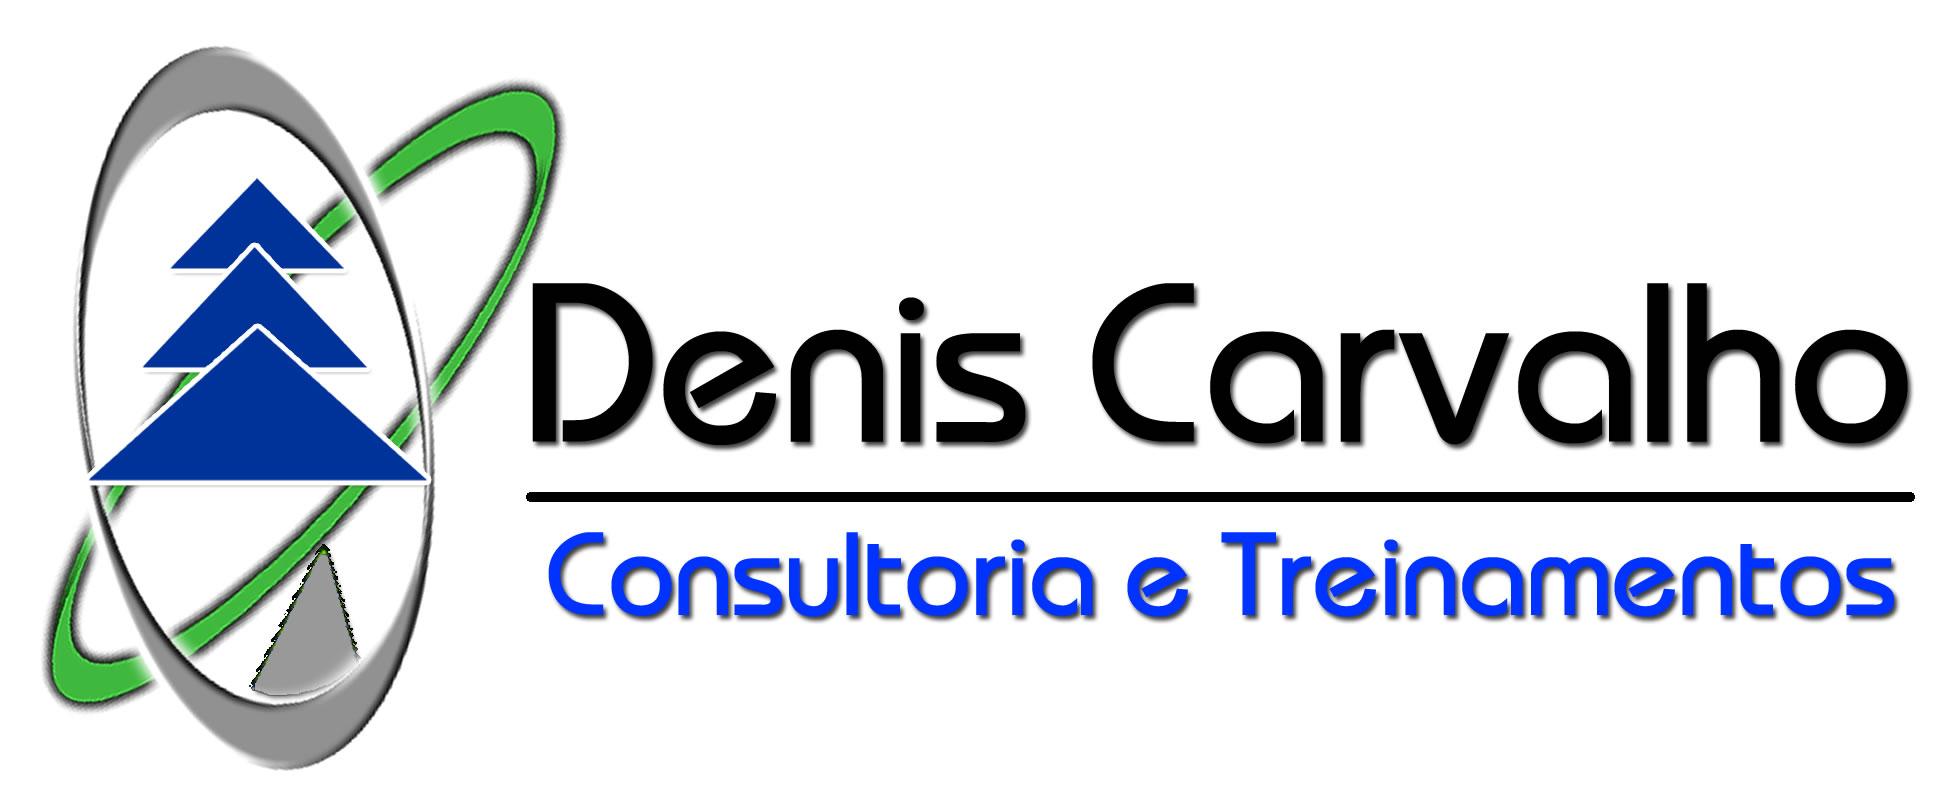 Denis Carvalho - Consultoria e Treinamentos